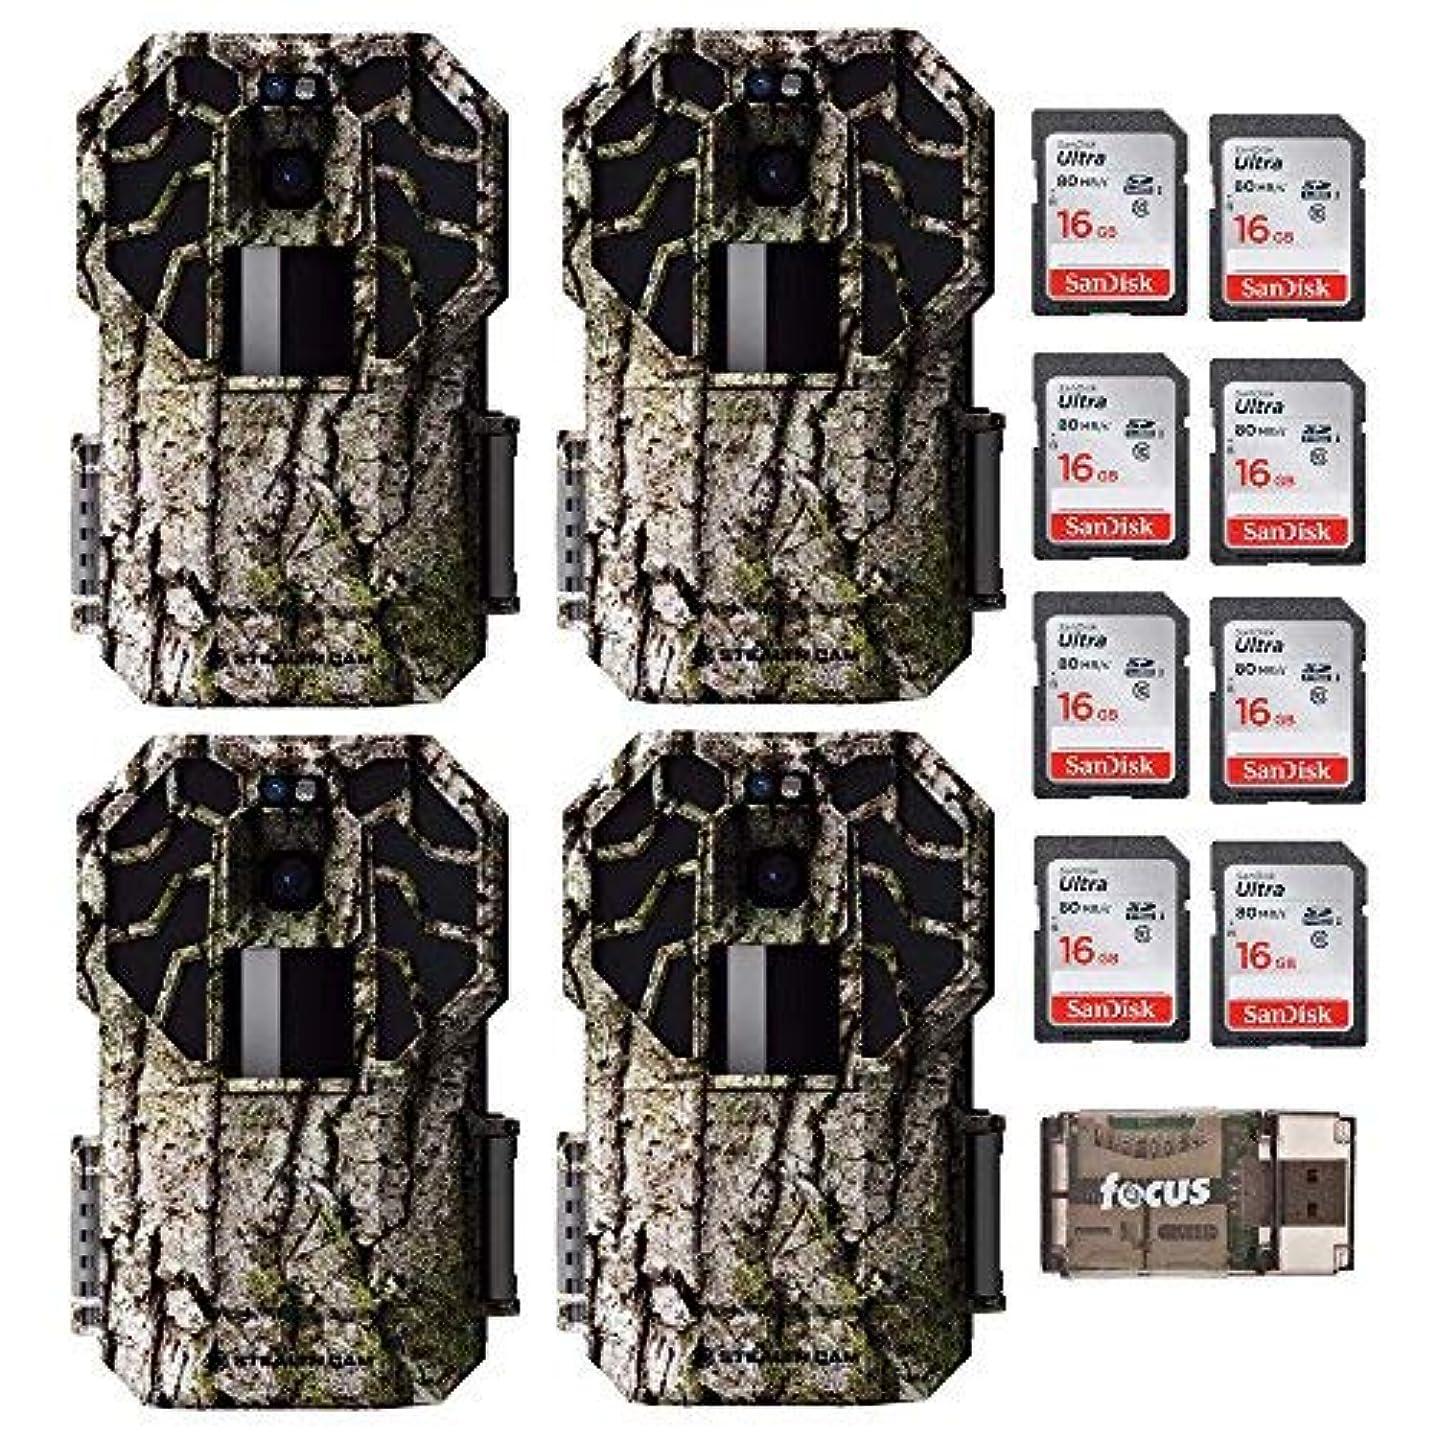 こねる興味許可Stealth Cam G-Series 22.0 MP, HD Video No Glo Trail Camera (4-Pack) + 8 Memory Cards + Focus USB Reader [並行輸入品]